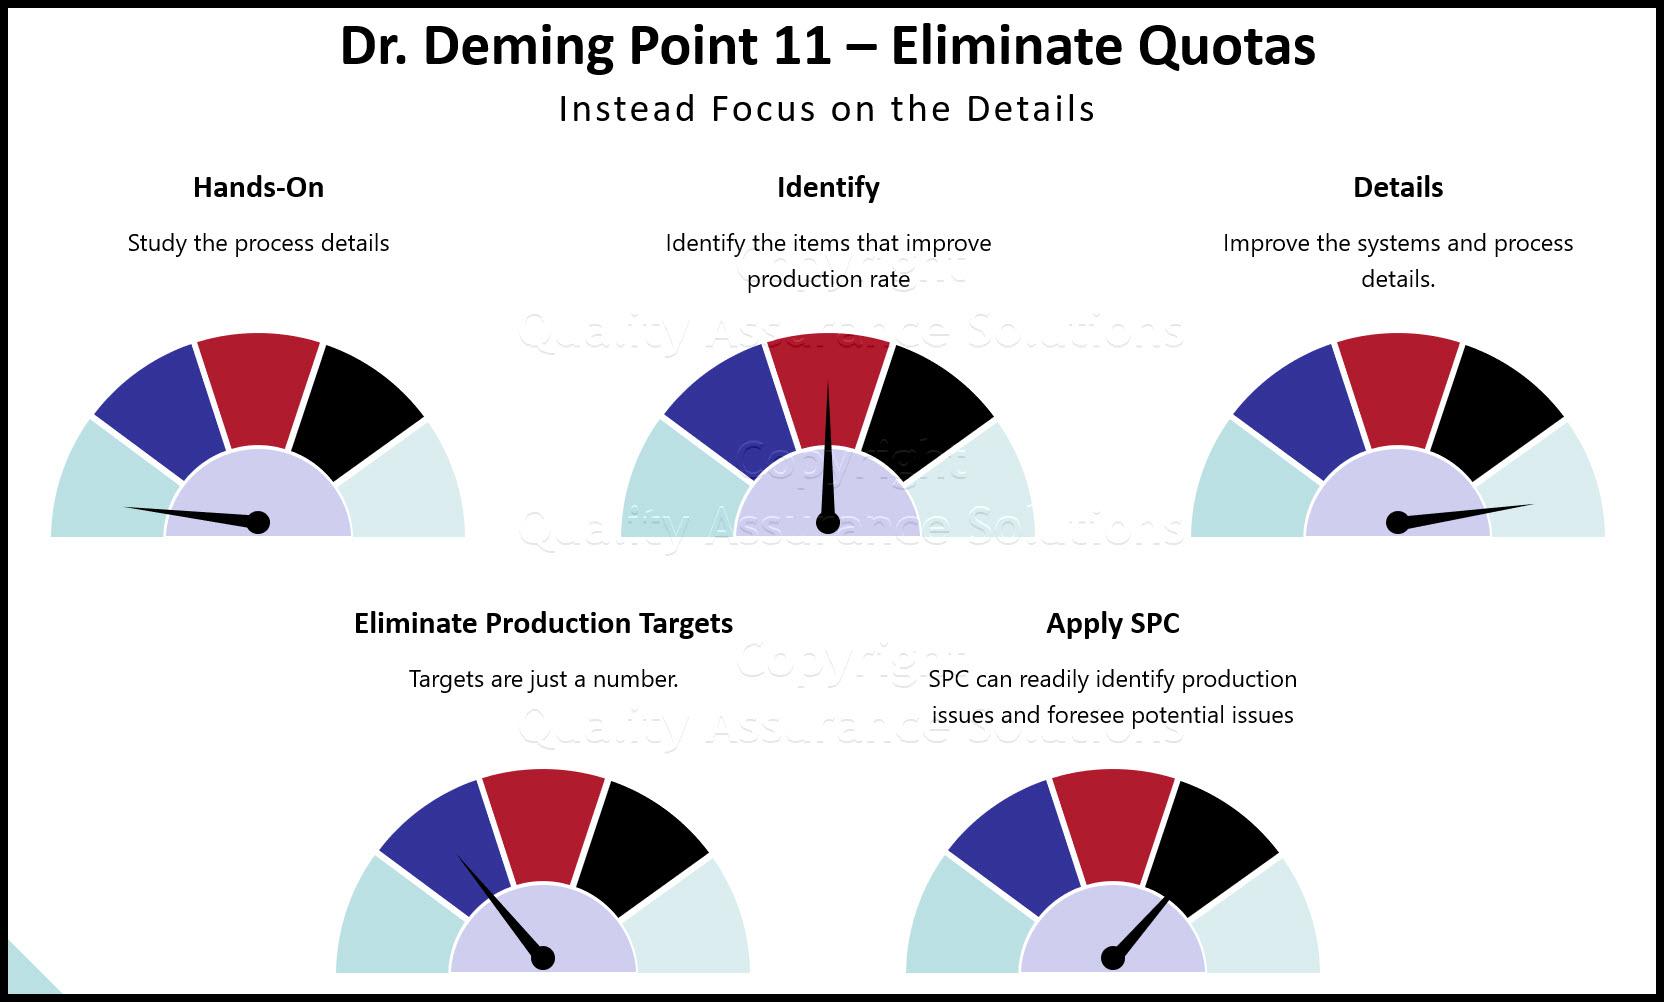 Deming Point 11 slide